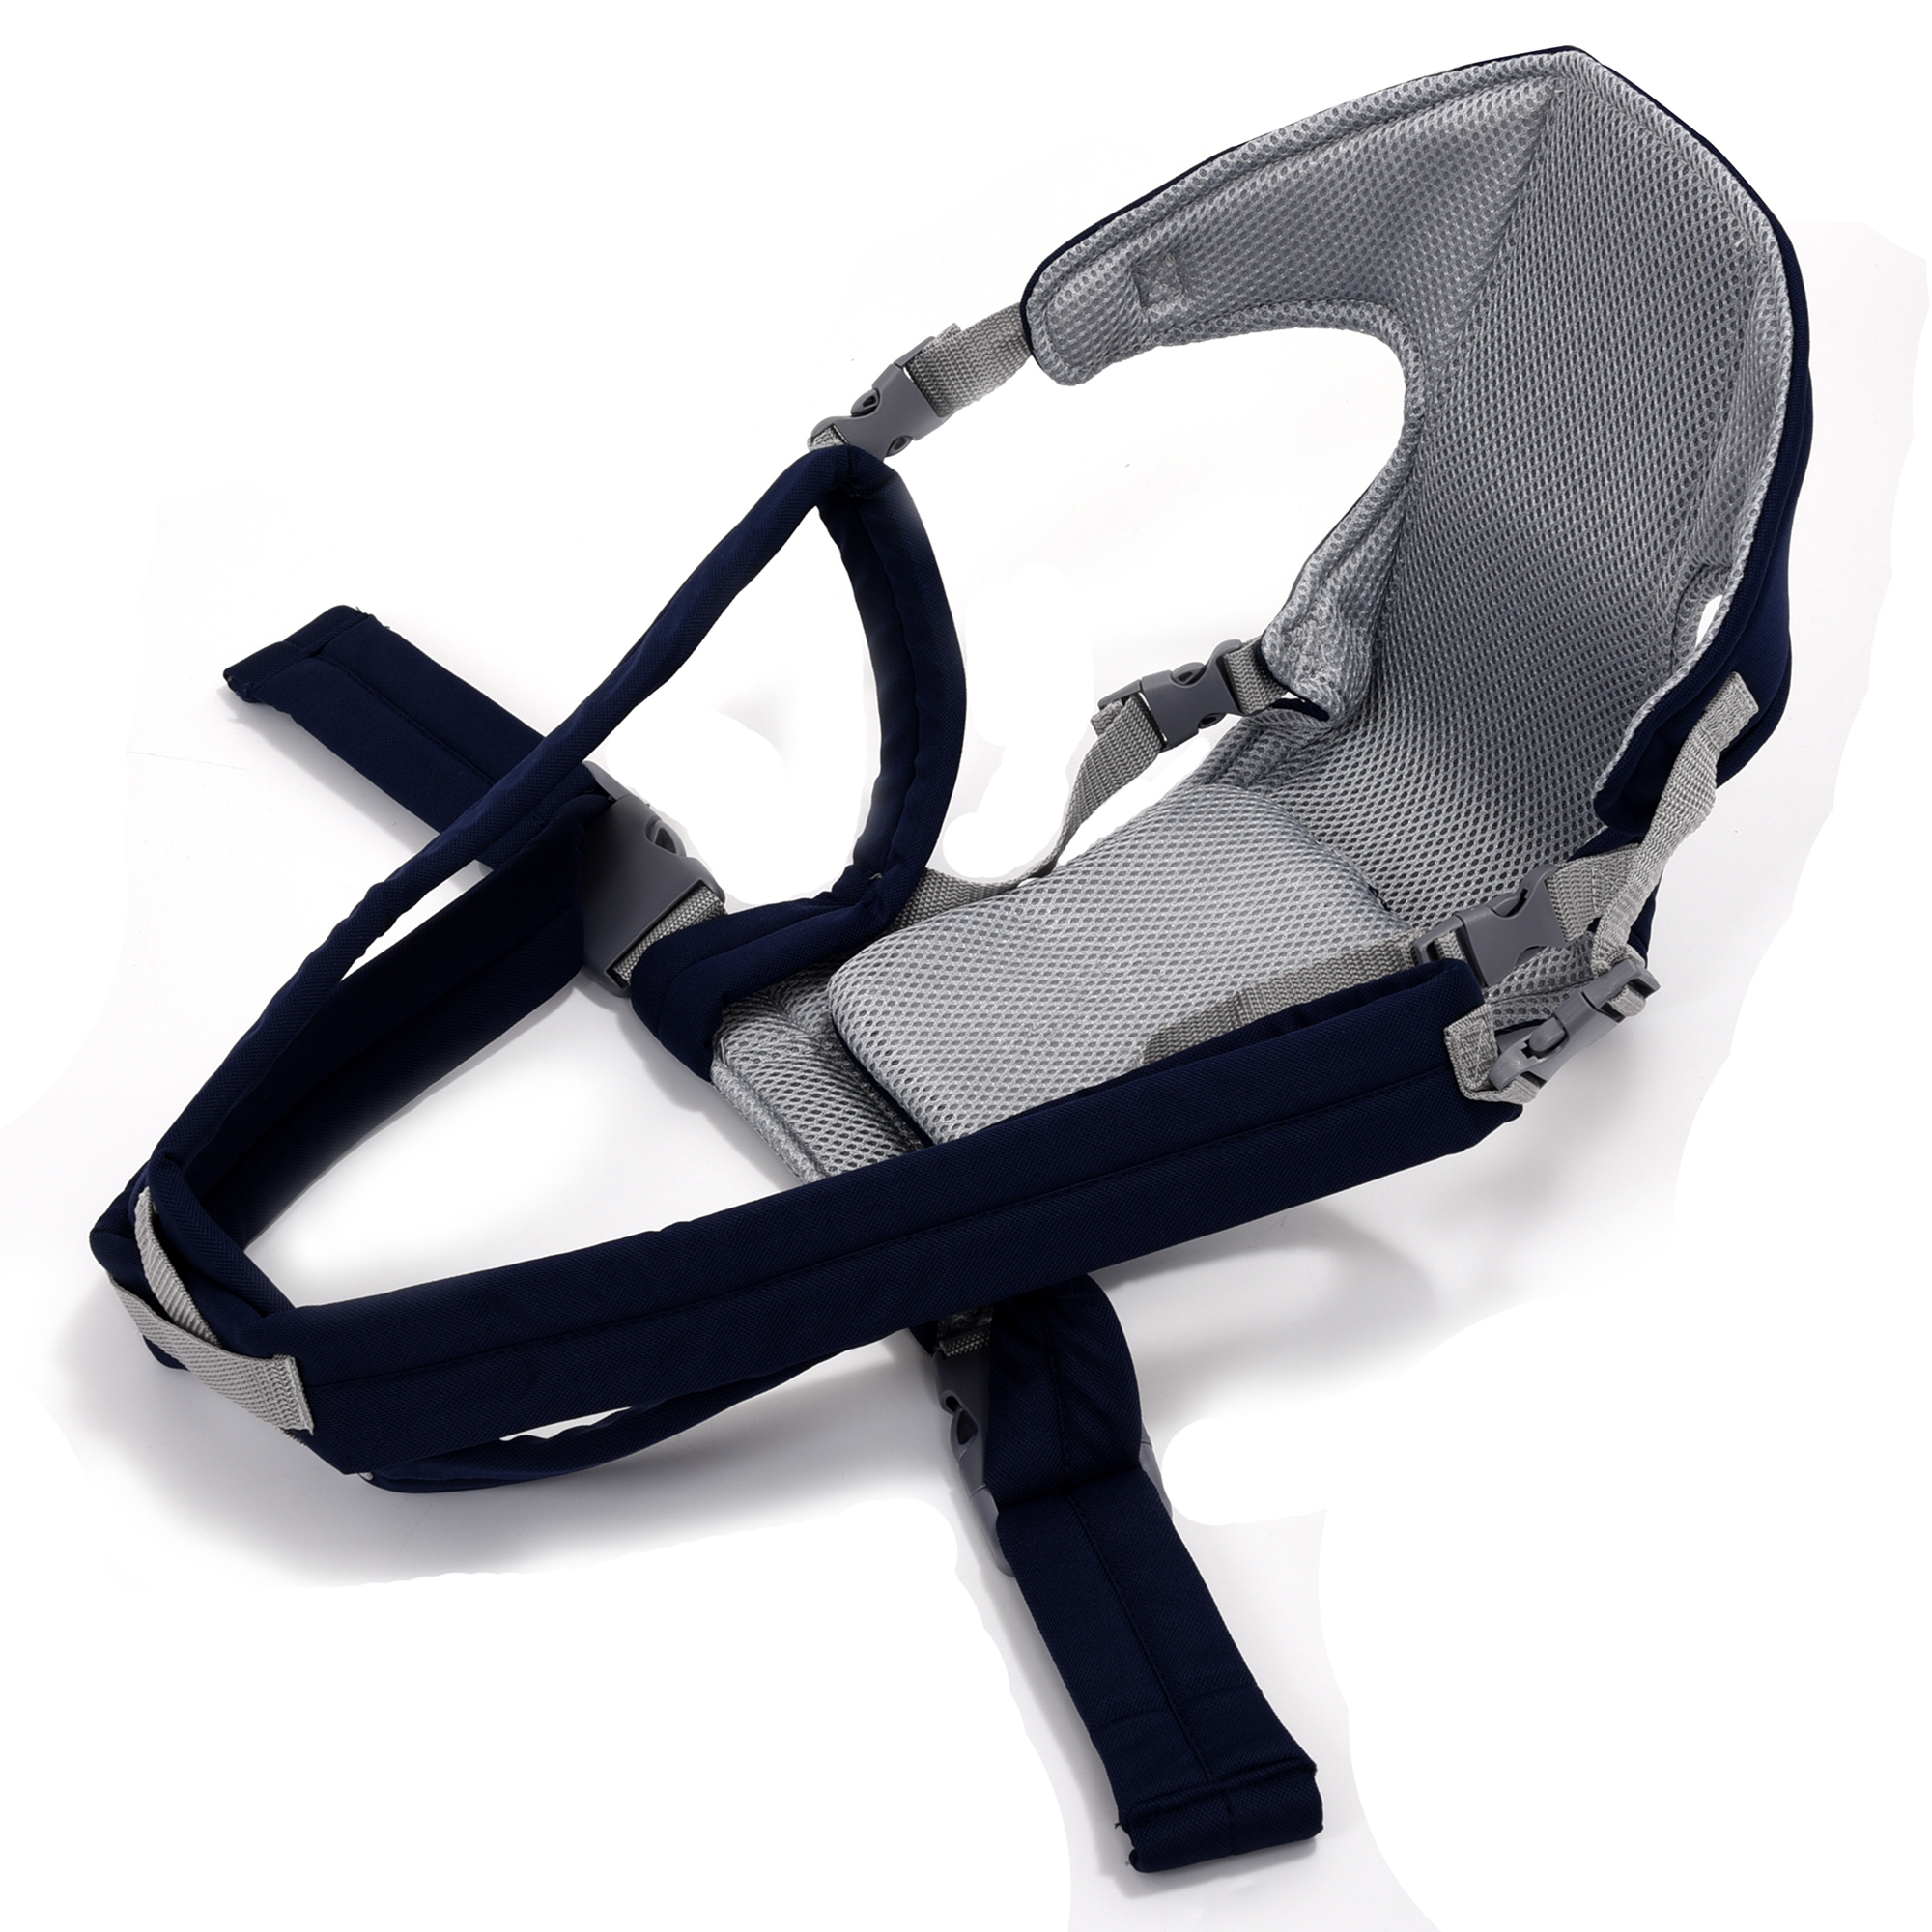 Adjustable Infant Baby Carrier Newborn Kid Sling Wrap Rider Backpack Blue